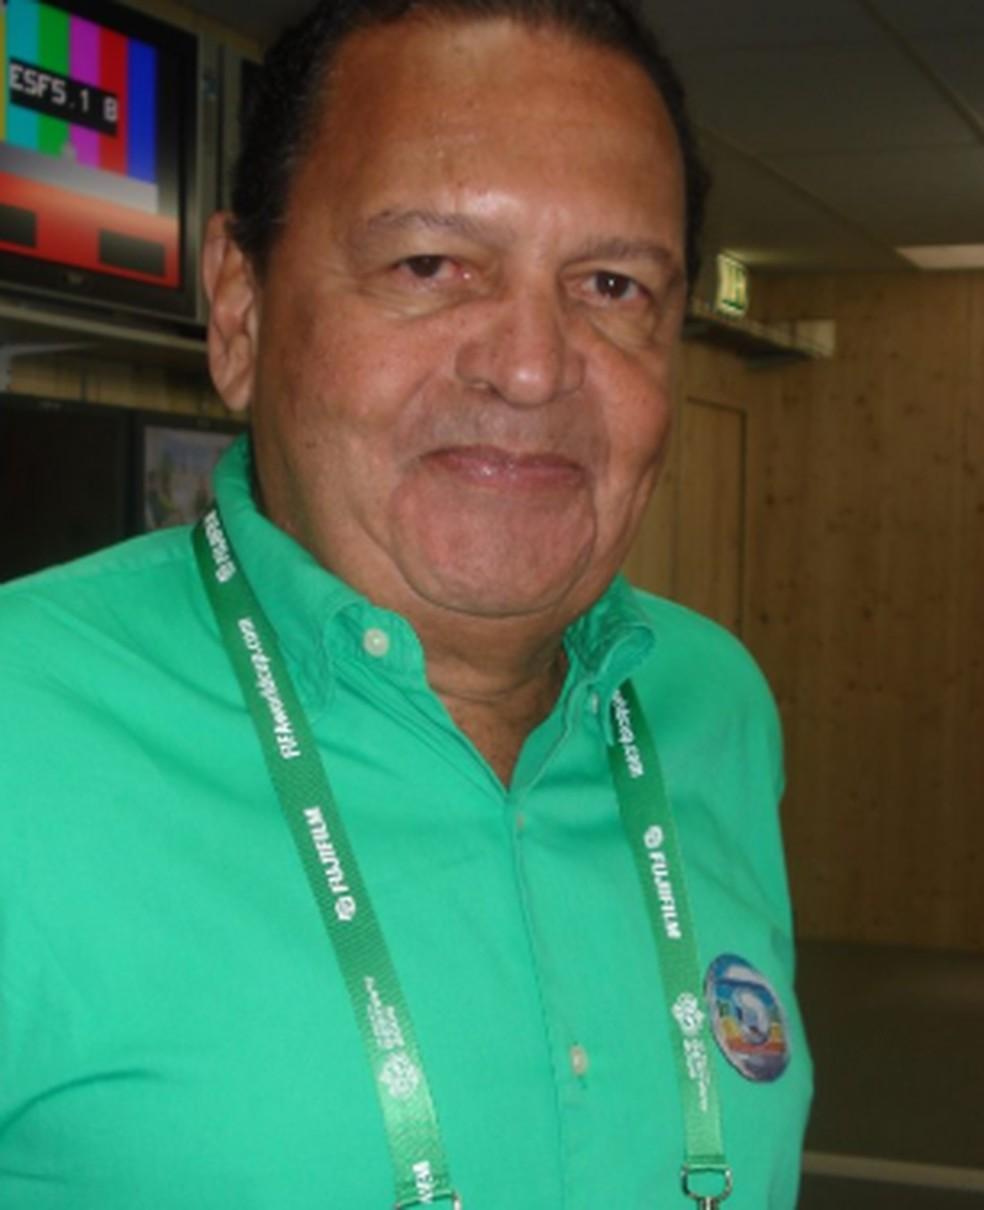 O jornalista Sérgio Noronha durante uma cobertura esportiva na TV Globo — Foto: Reprodução/Memória Globo